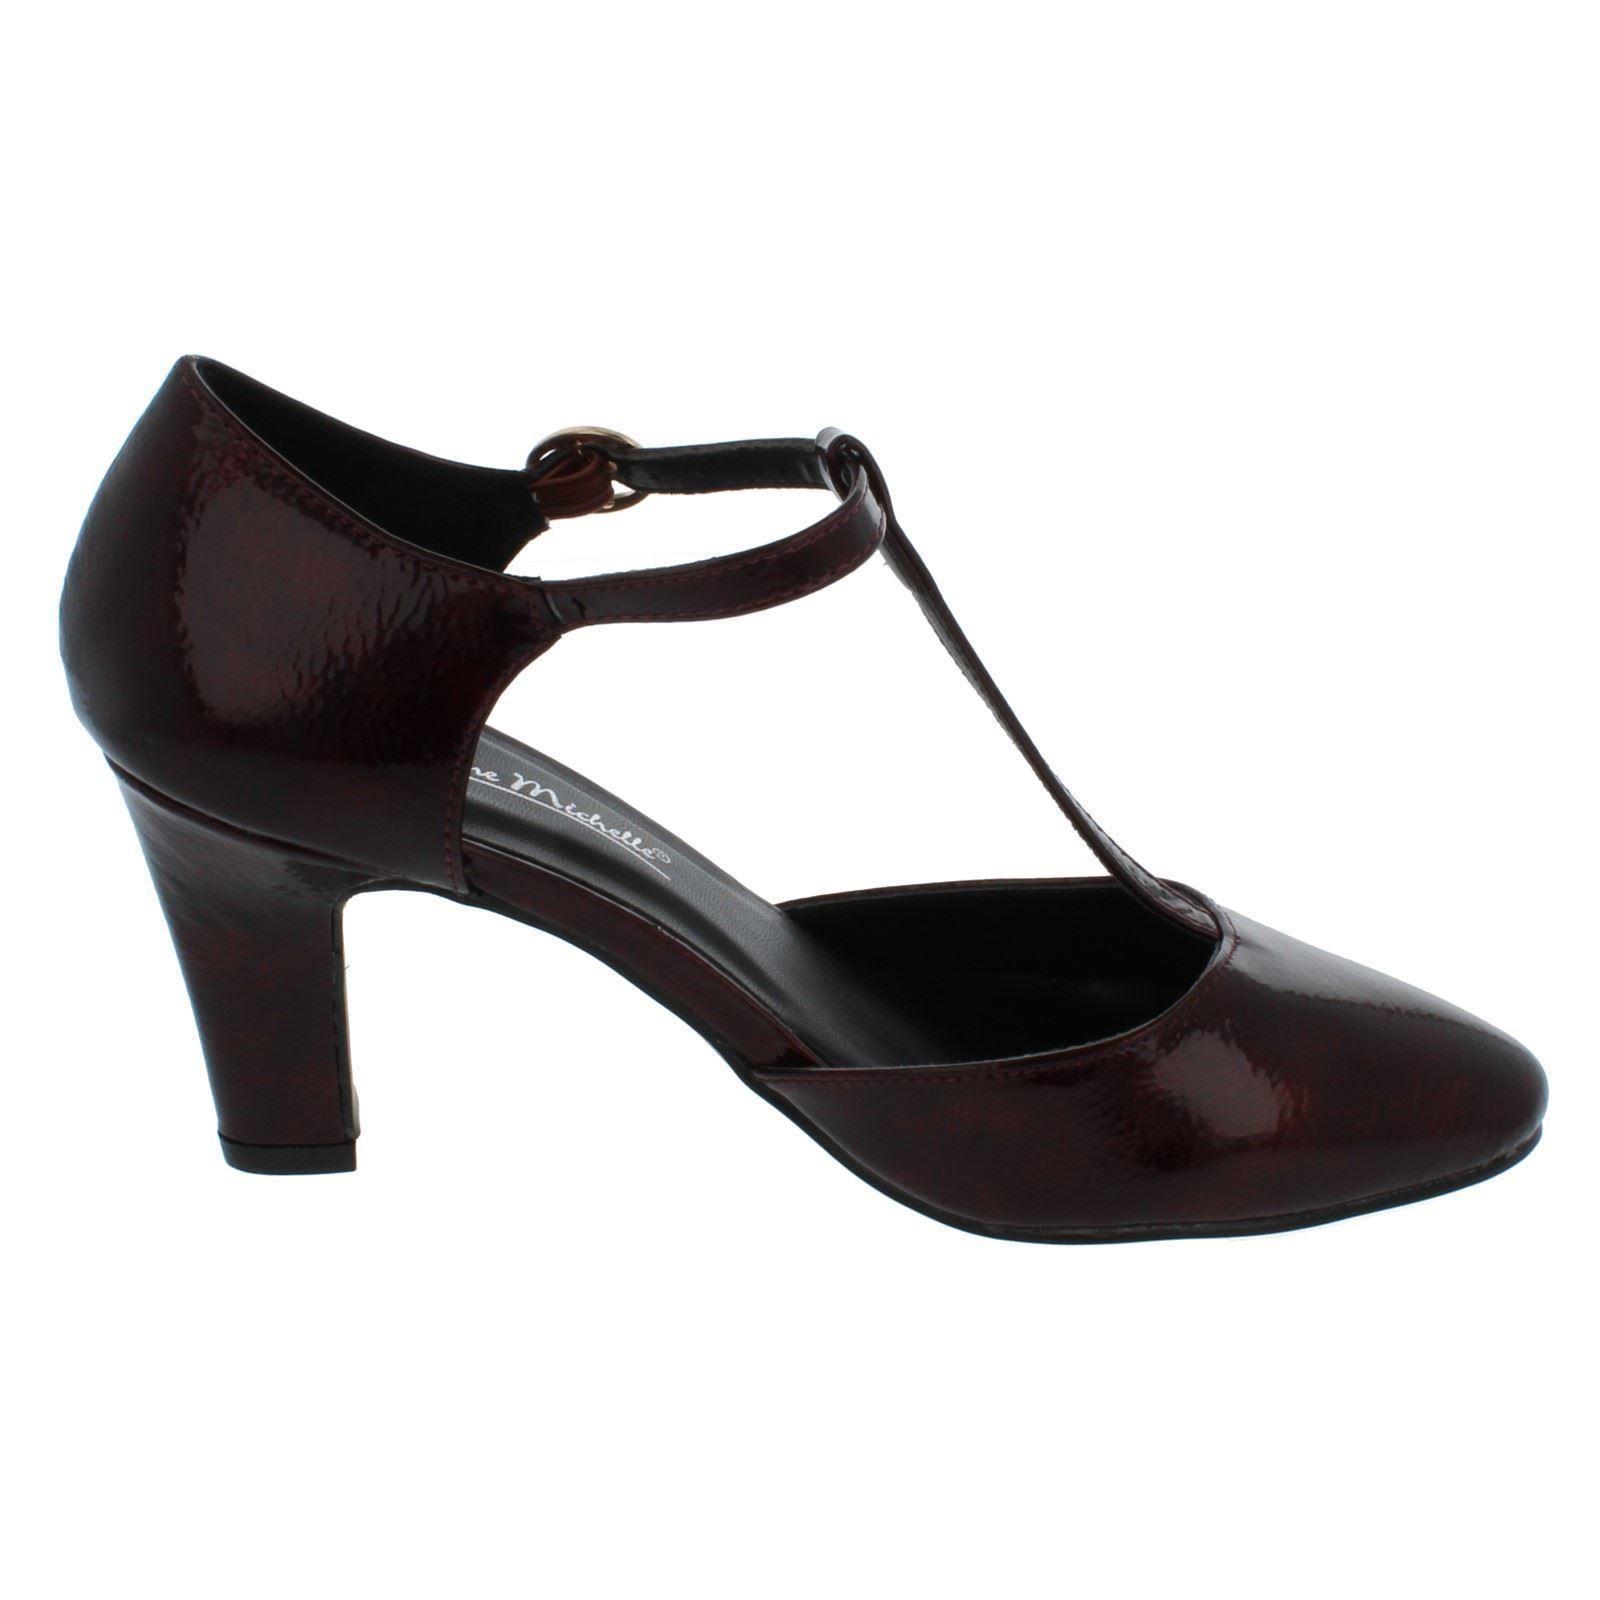 Anne Michelle Shoes Uk